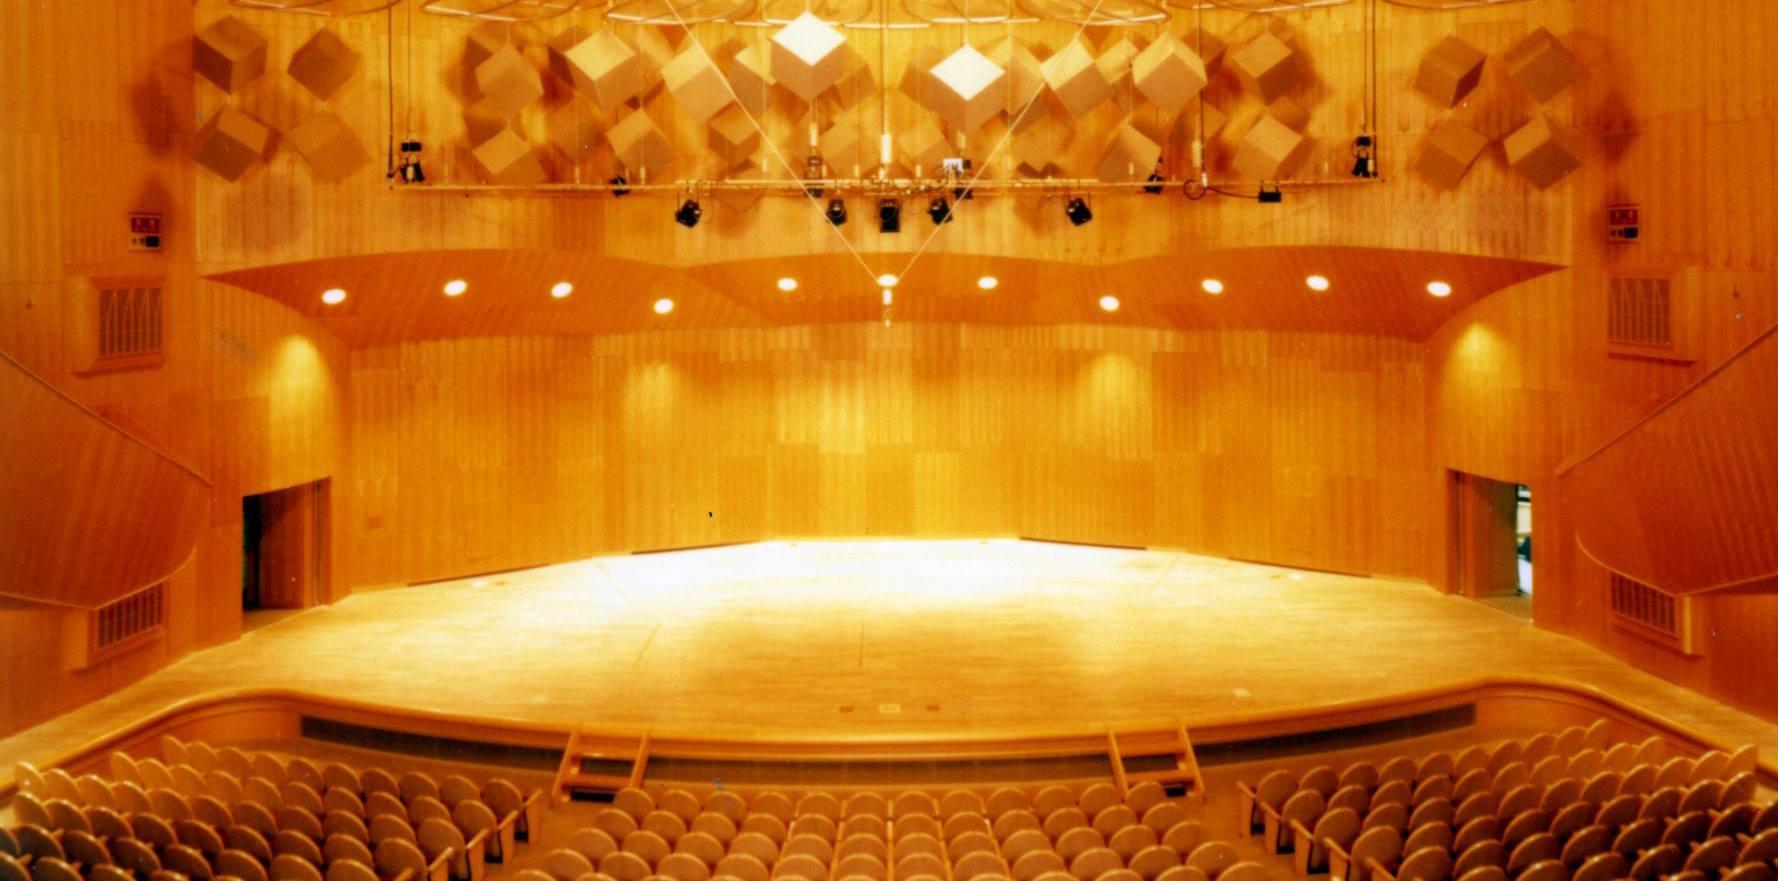 伊丹 アイフォニック大ホール_f0225419_12220556.jpeg